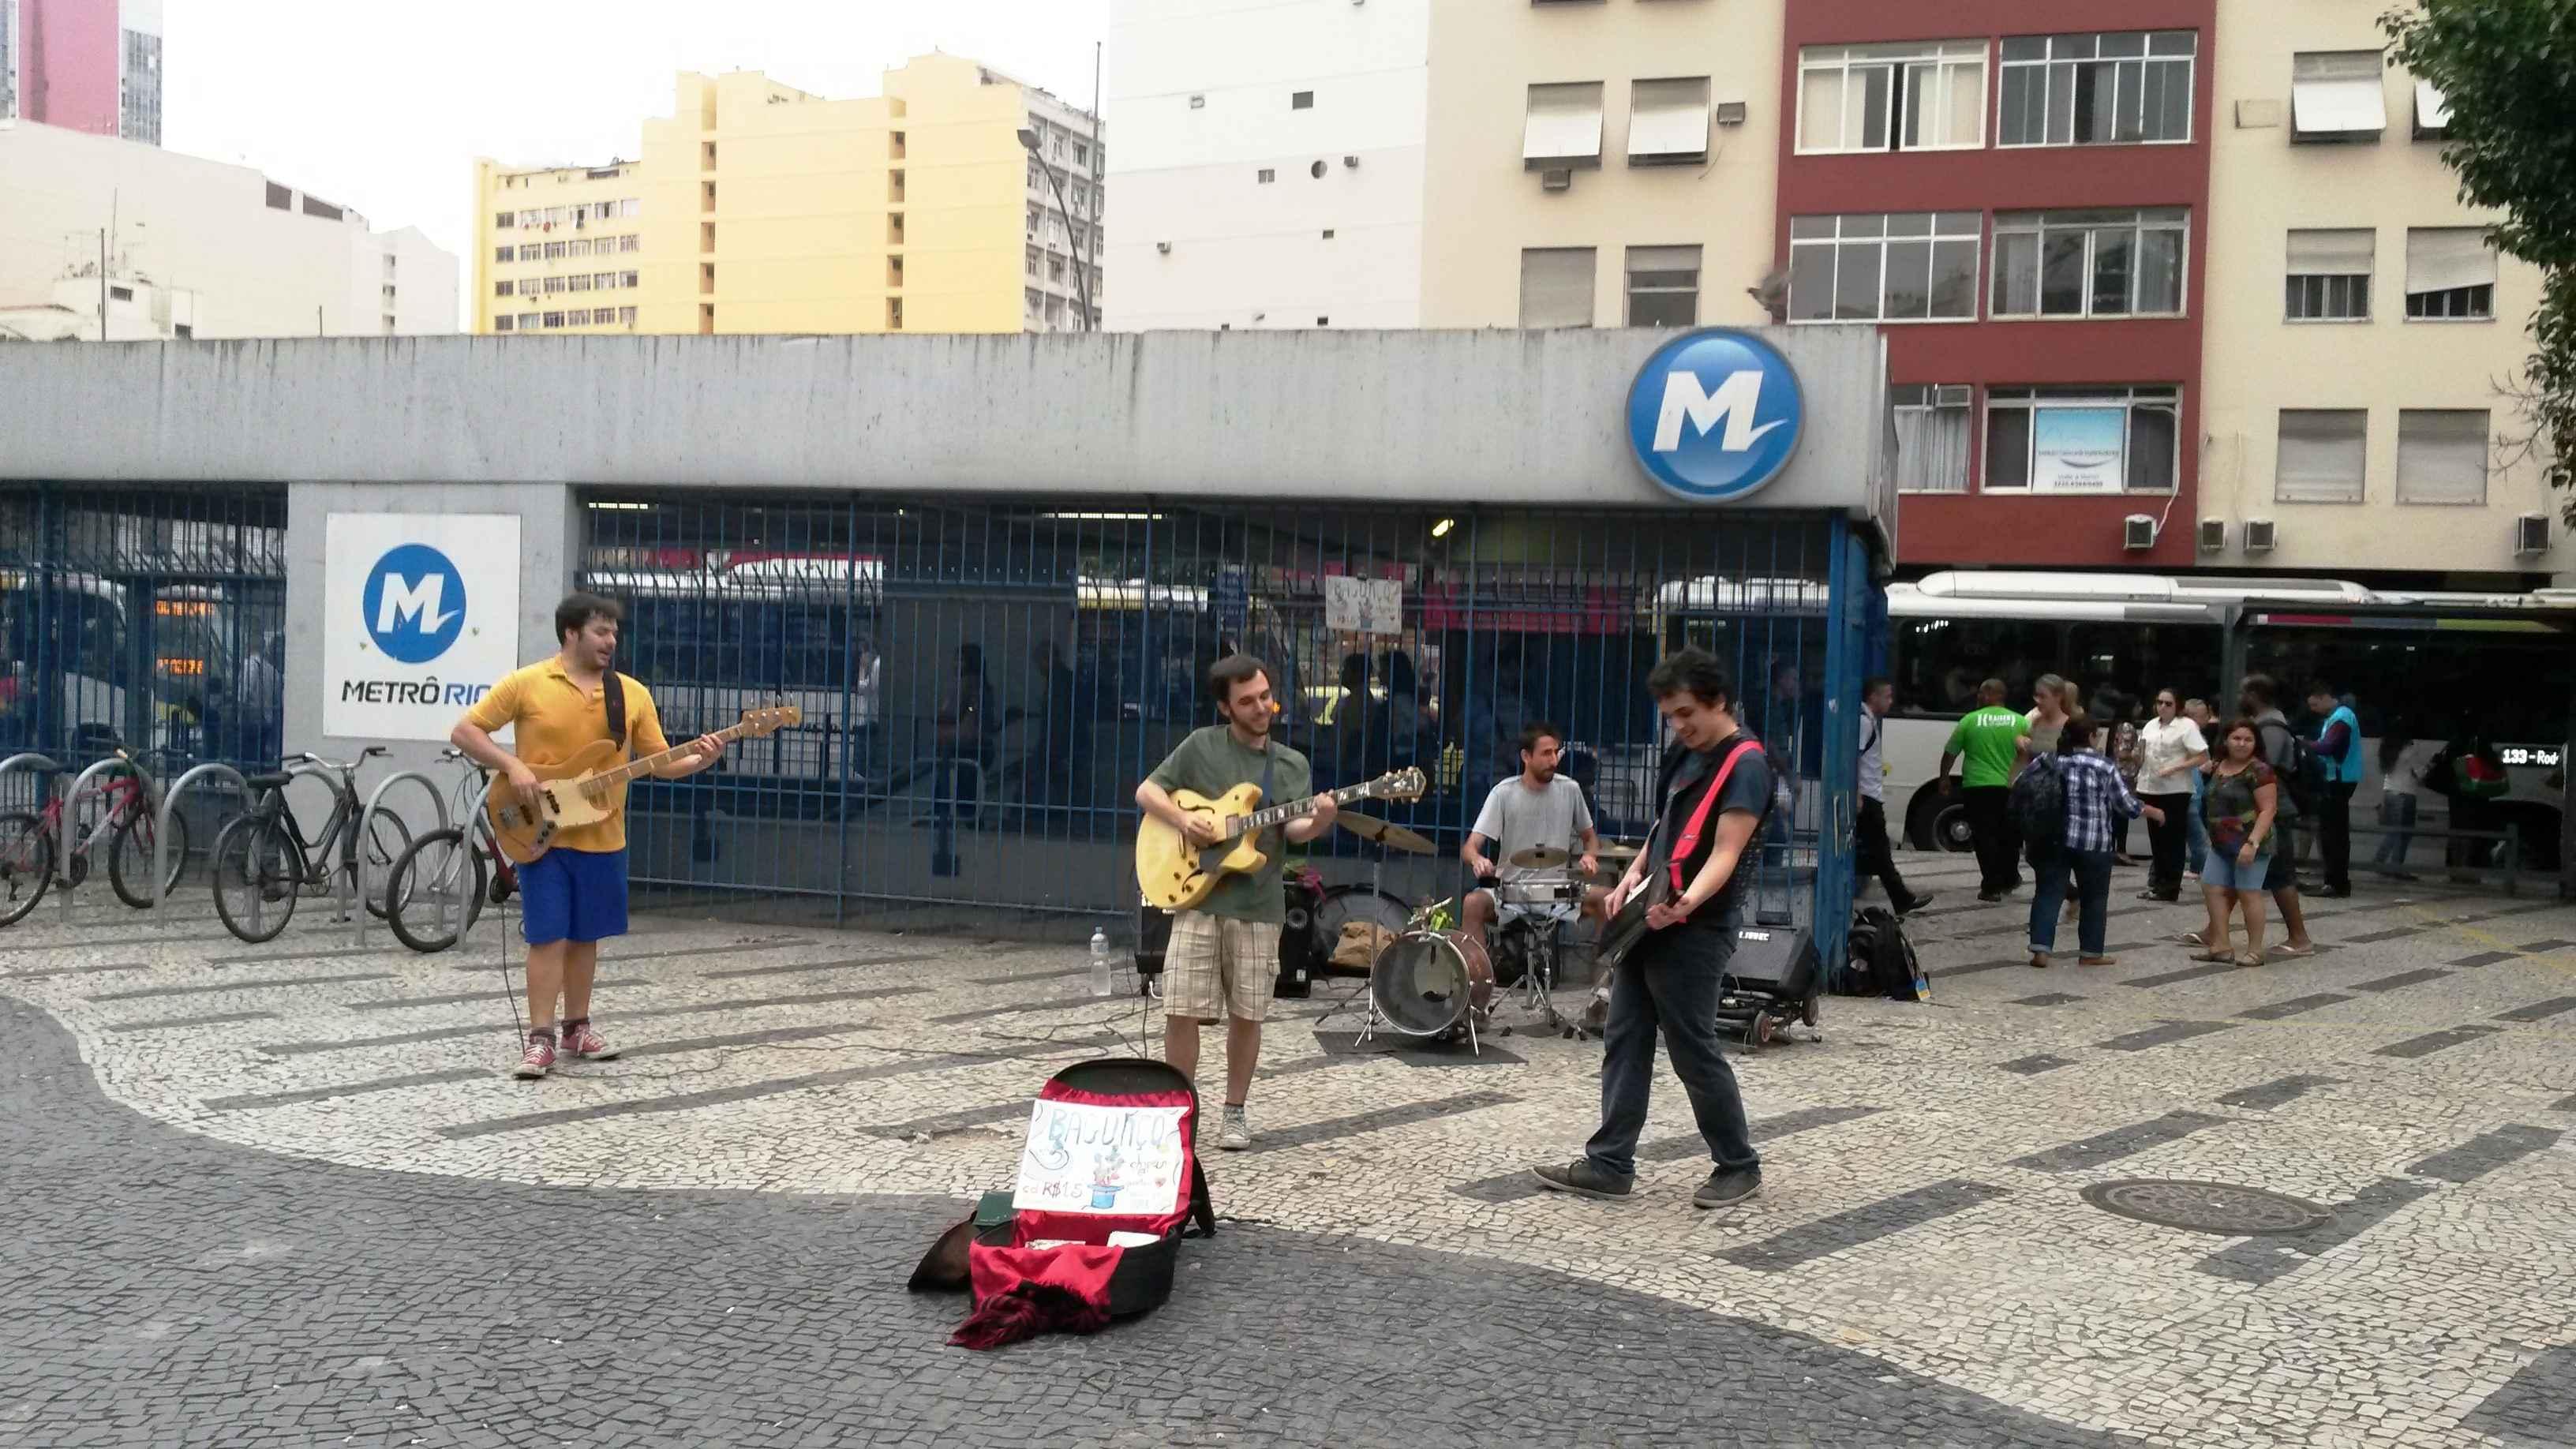 Músicos se apresentam na entrada da estação do metrô, no Largo do Machado, no Rio de Janeiro